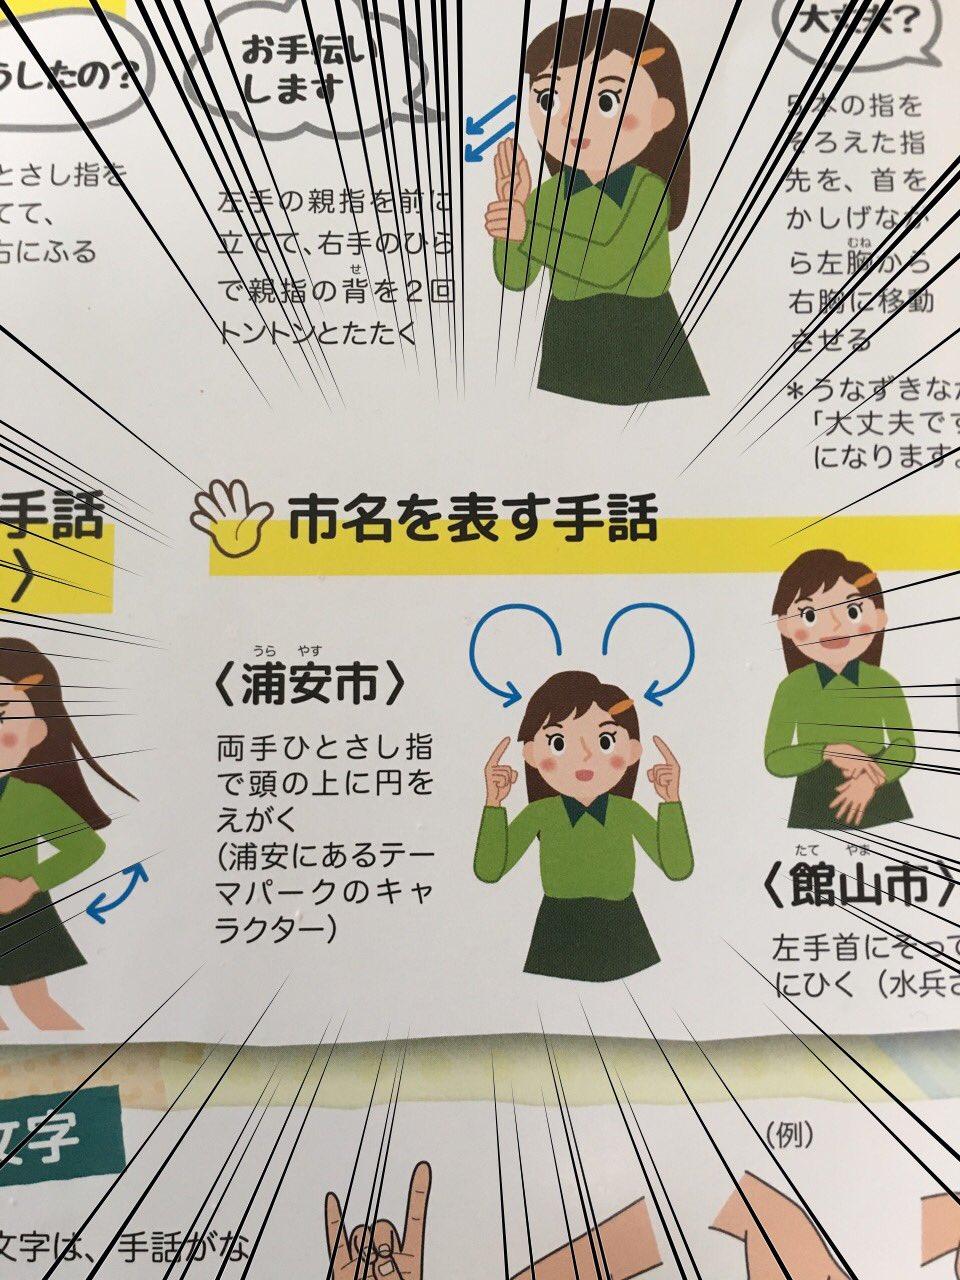 まじか!? 浦安市を手話で表現したらまさかのあの方でネットがザワつく。あはっ。